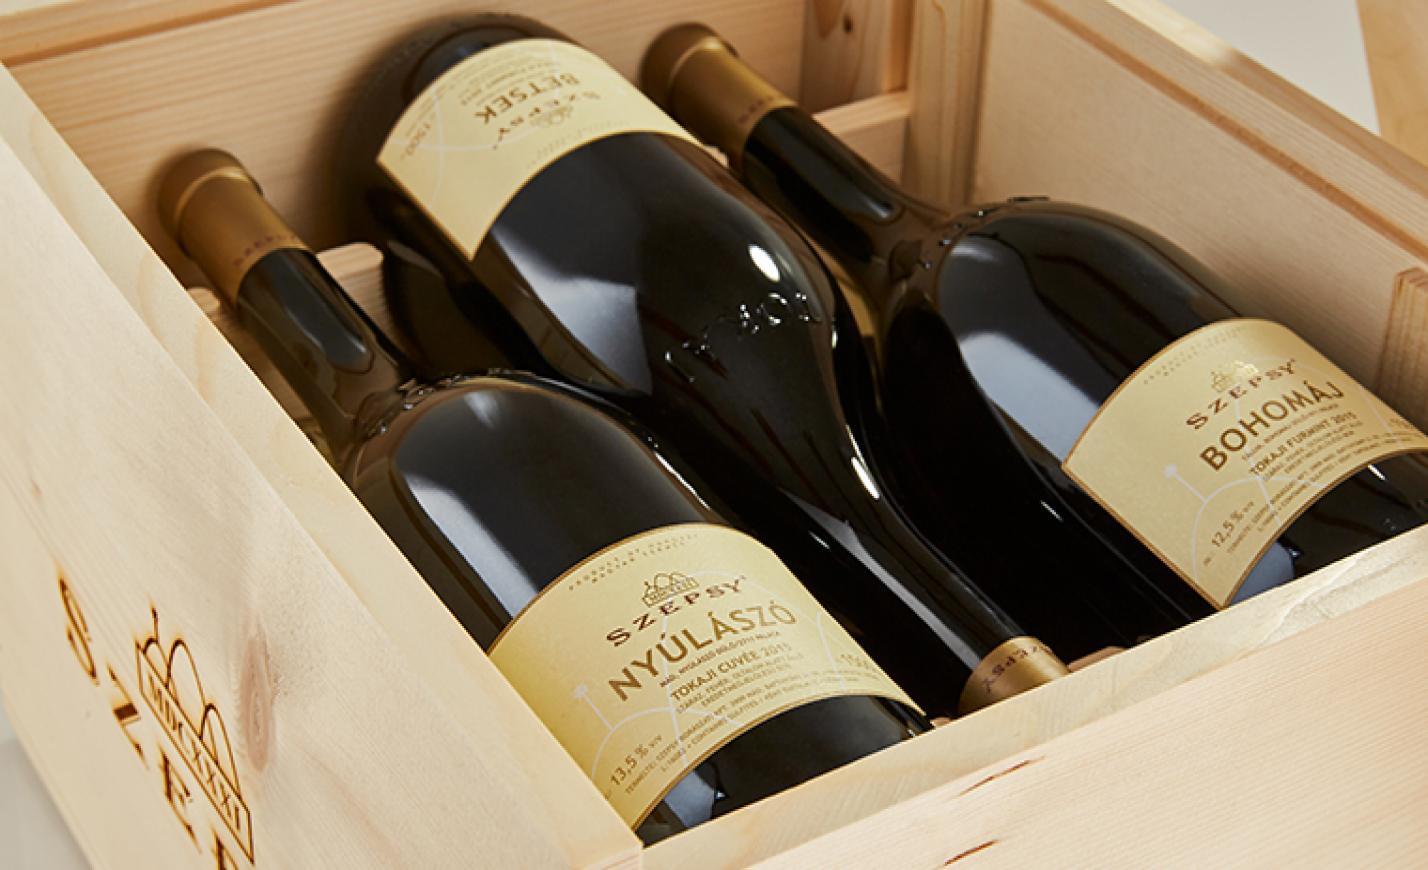 Ebből a boros karácsonyi ajándékból 18 van az egész világon, de az egyik a tiéd lehet